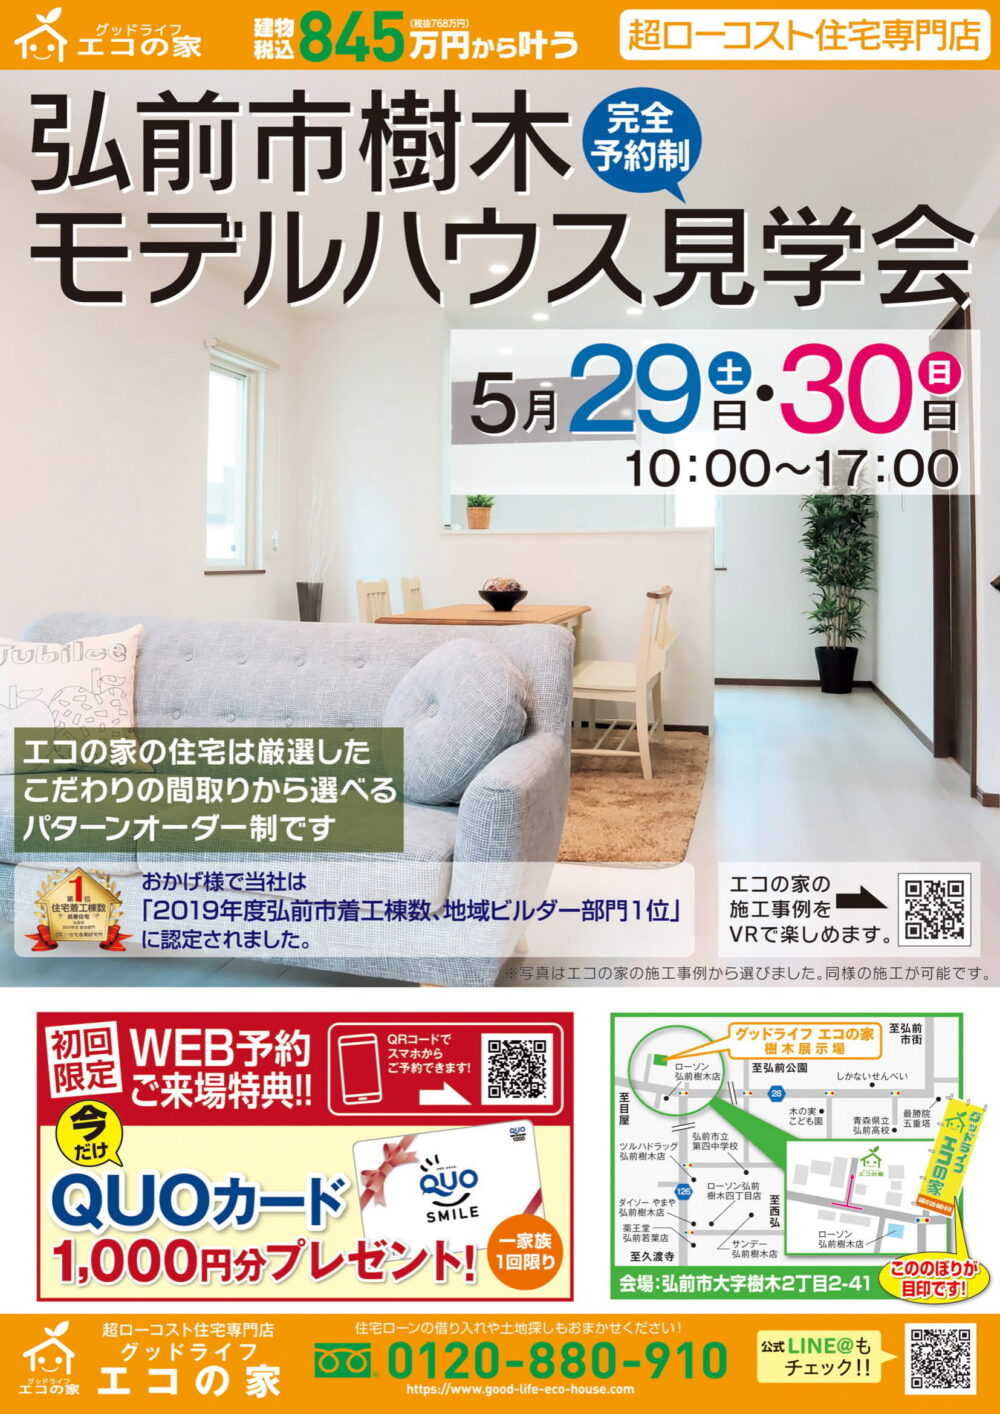 【完全予約制】弘前市樹木新築住宅展示場|グッドライフエコの家